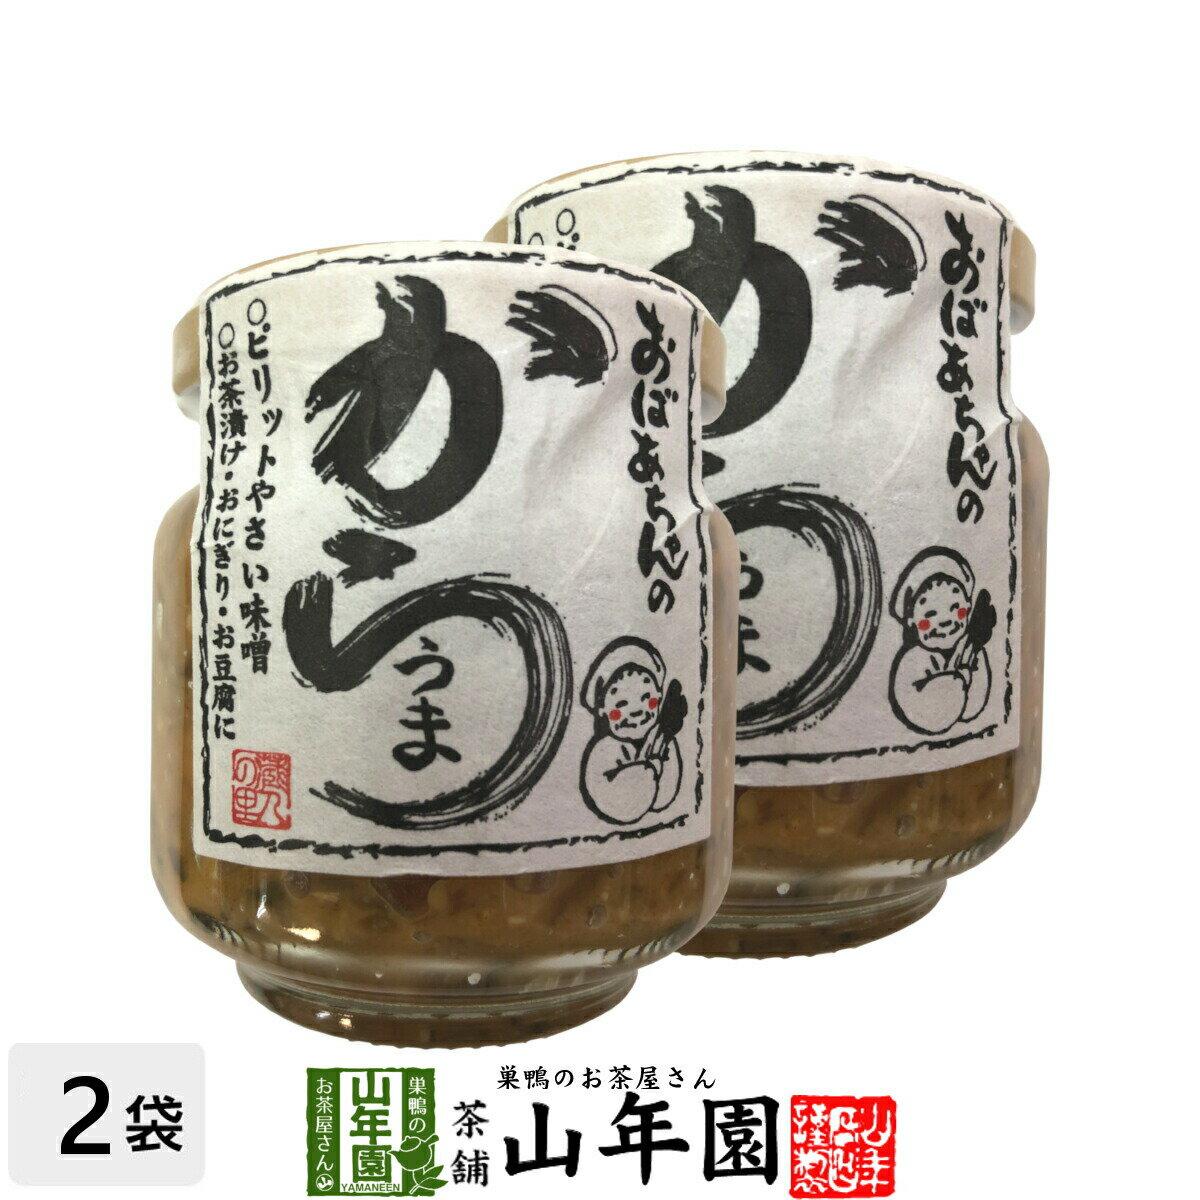 おばあちゃんのからうま 100g×2個セットピリットやさい味噌 お茶漬け・おにぎり・お豆腐に Made in Japan 送料無料 国産 緑茶 ダイエット ギフト プレゼント 敬老の日 プチギフト お茶 内祝い 2020 早割